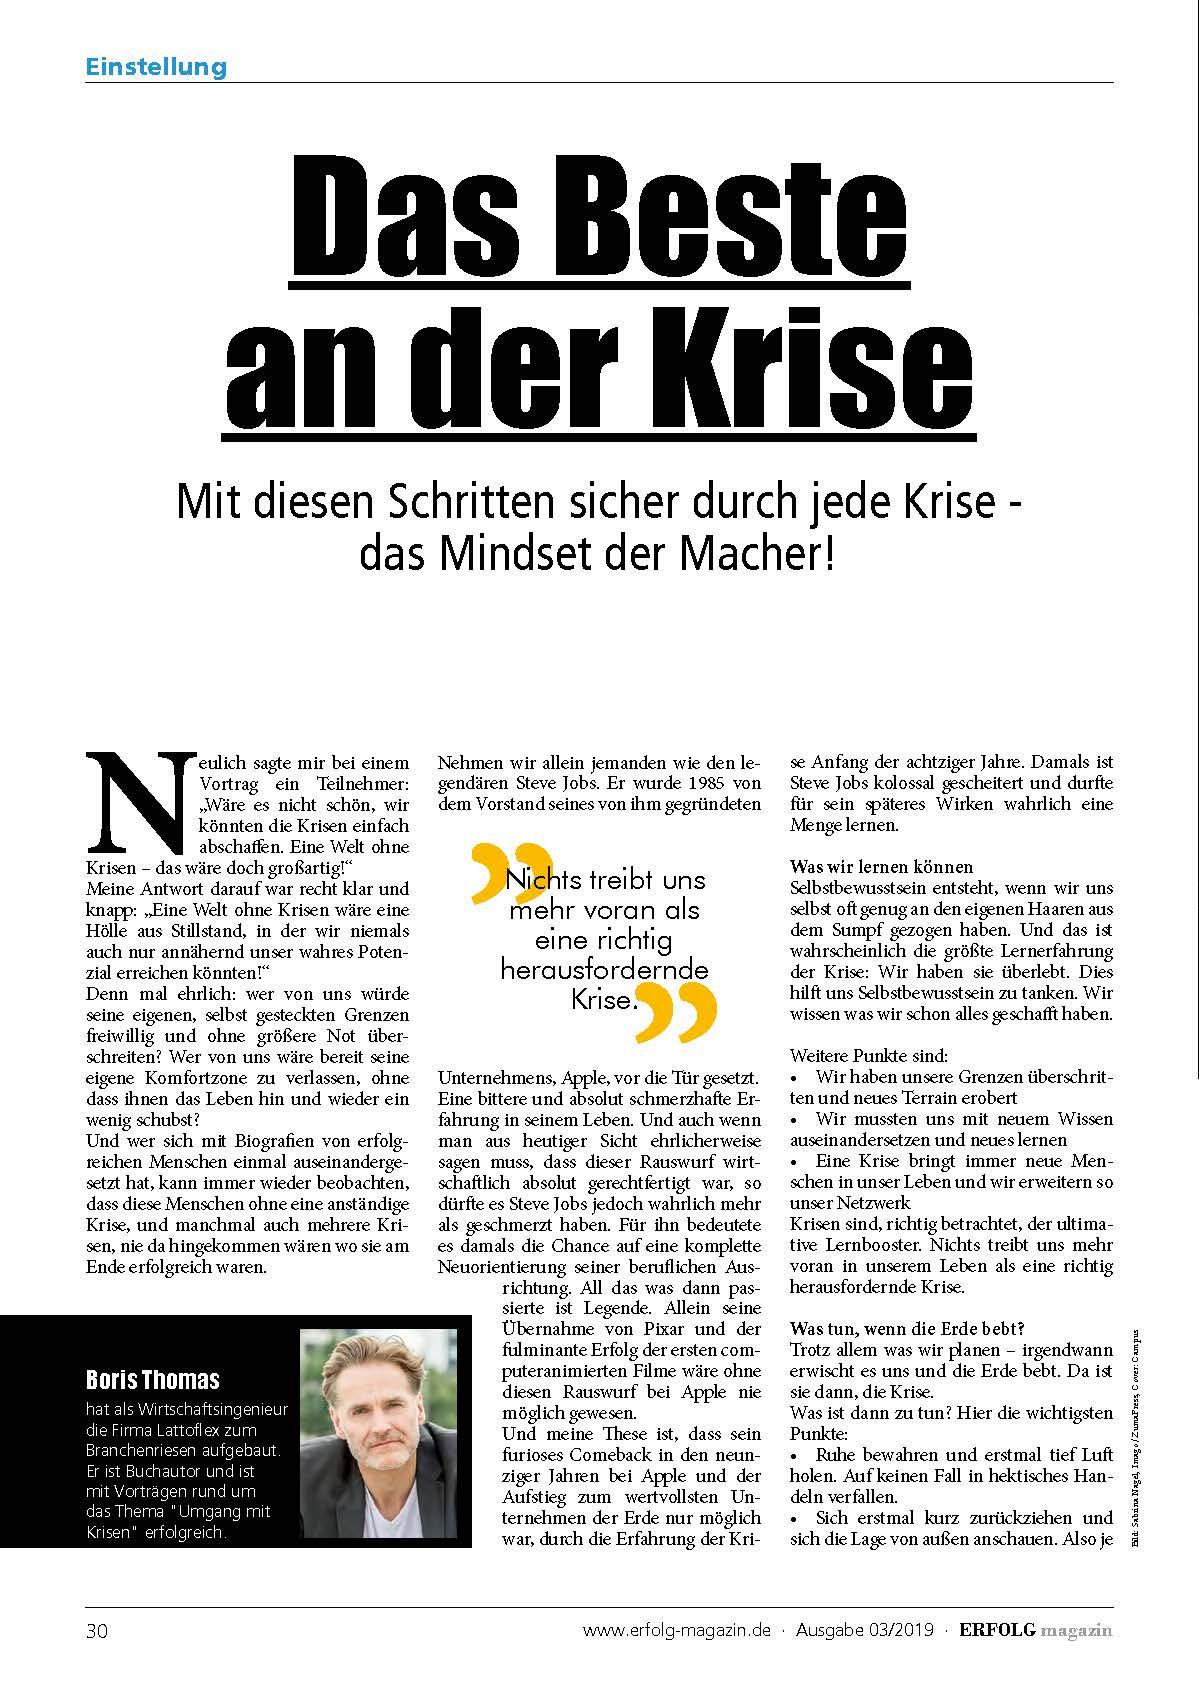 Erfolgmagazin Artikel_Seite_3.jpg